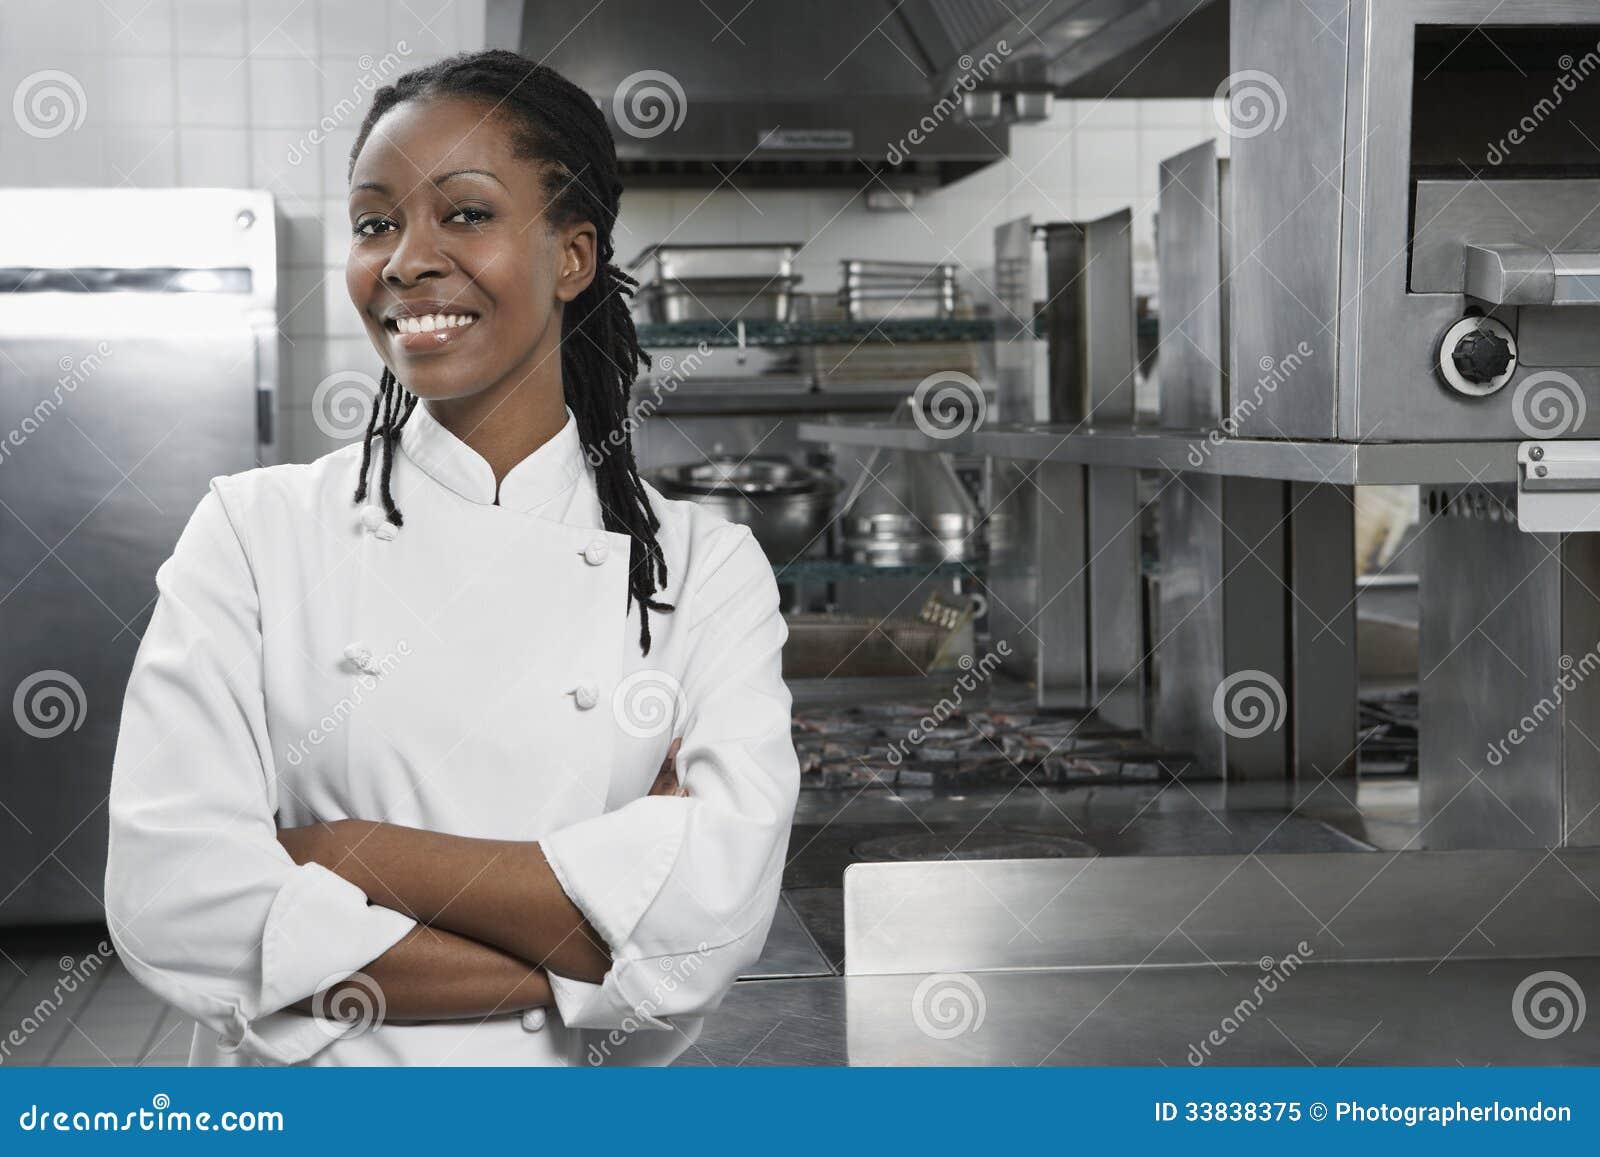 女性厨师在厨房里